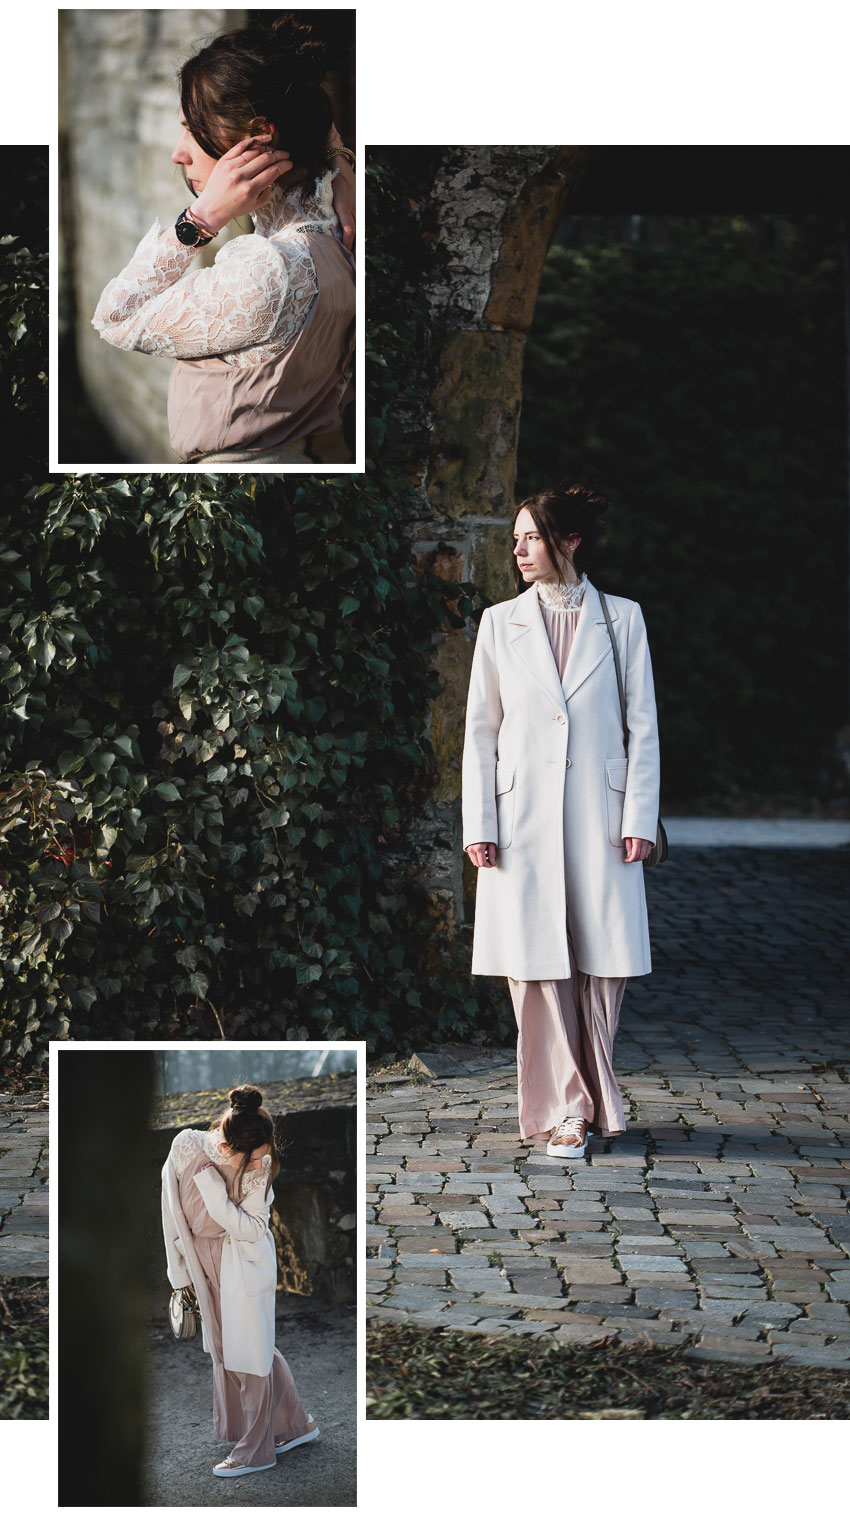 langes Kleid mit Spitzenbluse und hellem Mantel kombinieren